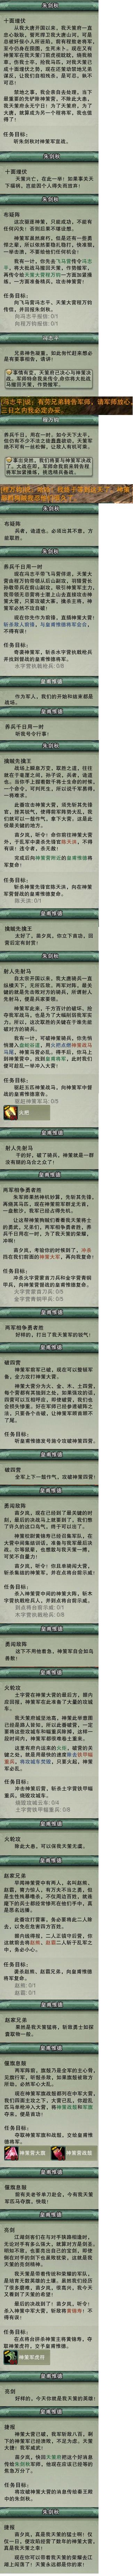 主线任务07 - 高级任务 - 皇甫惟德.jpg